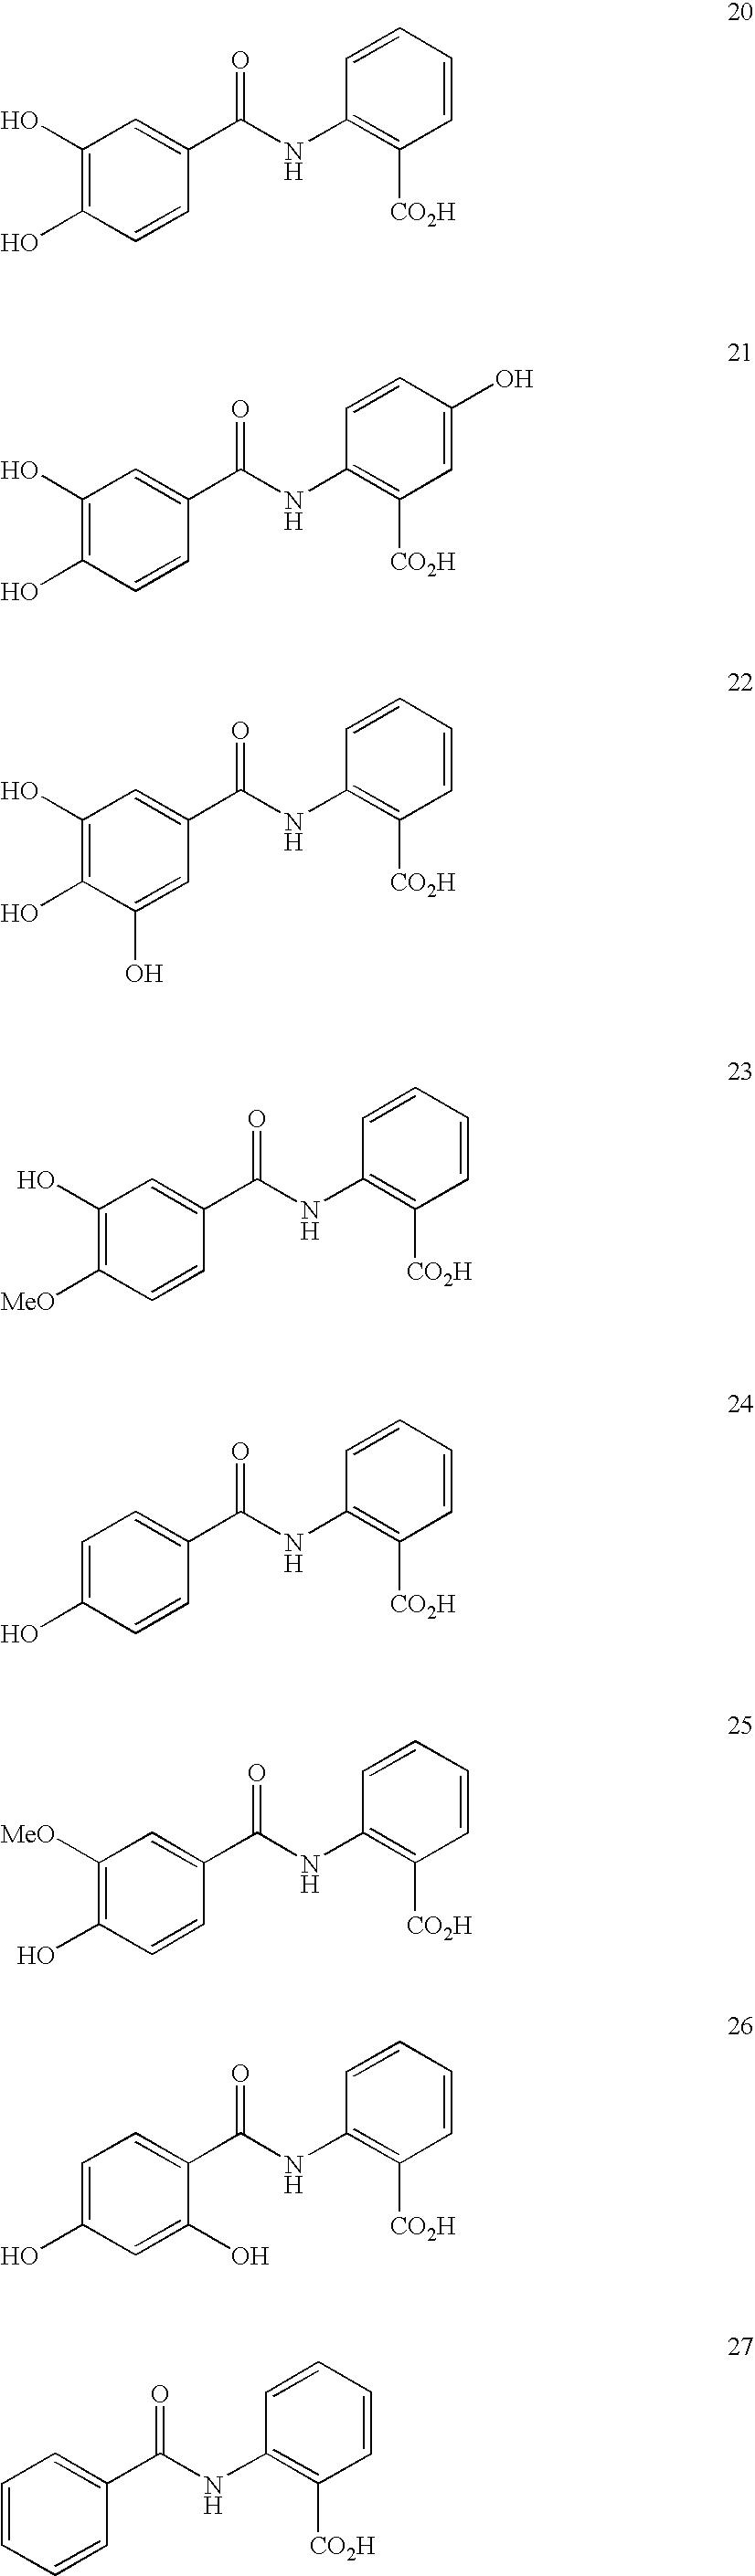 Figure US20080008660A1-20080110-C00031